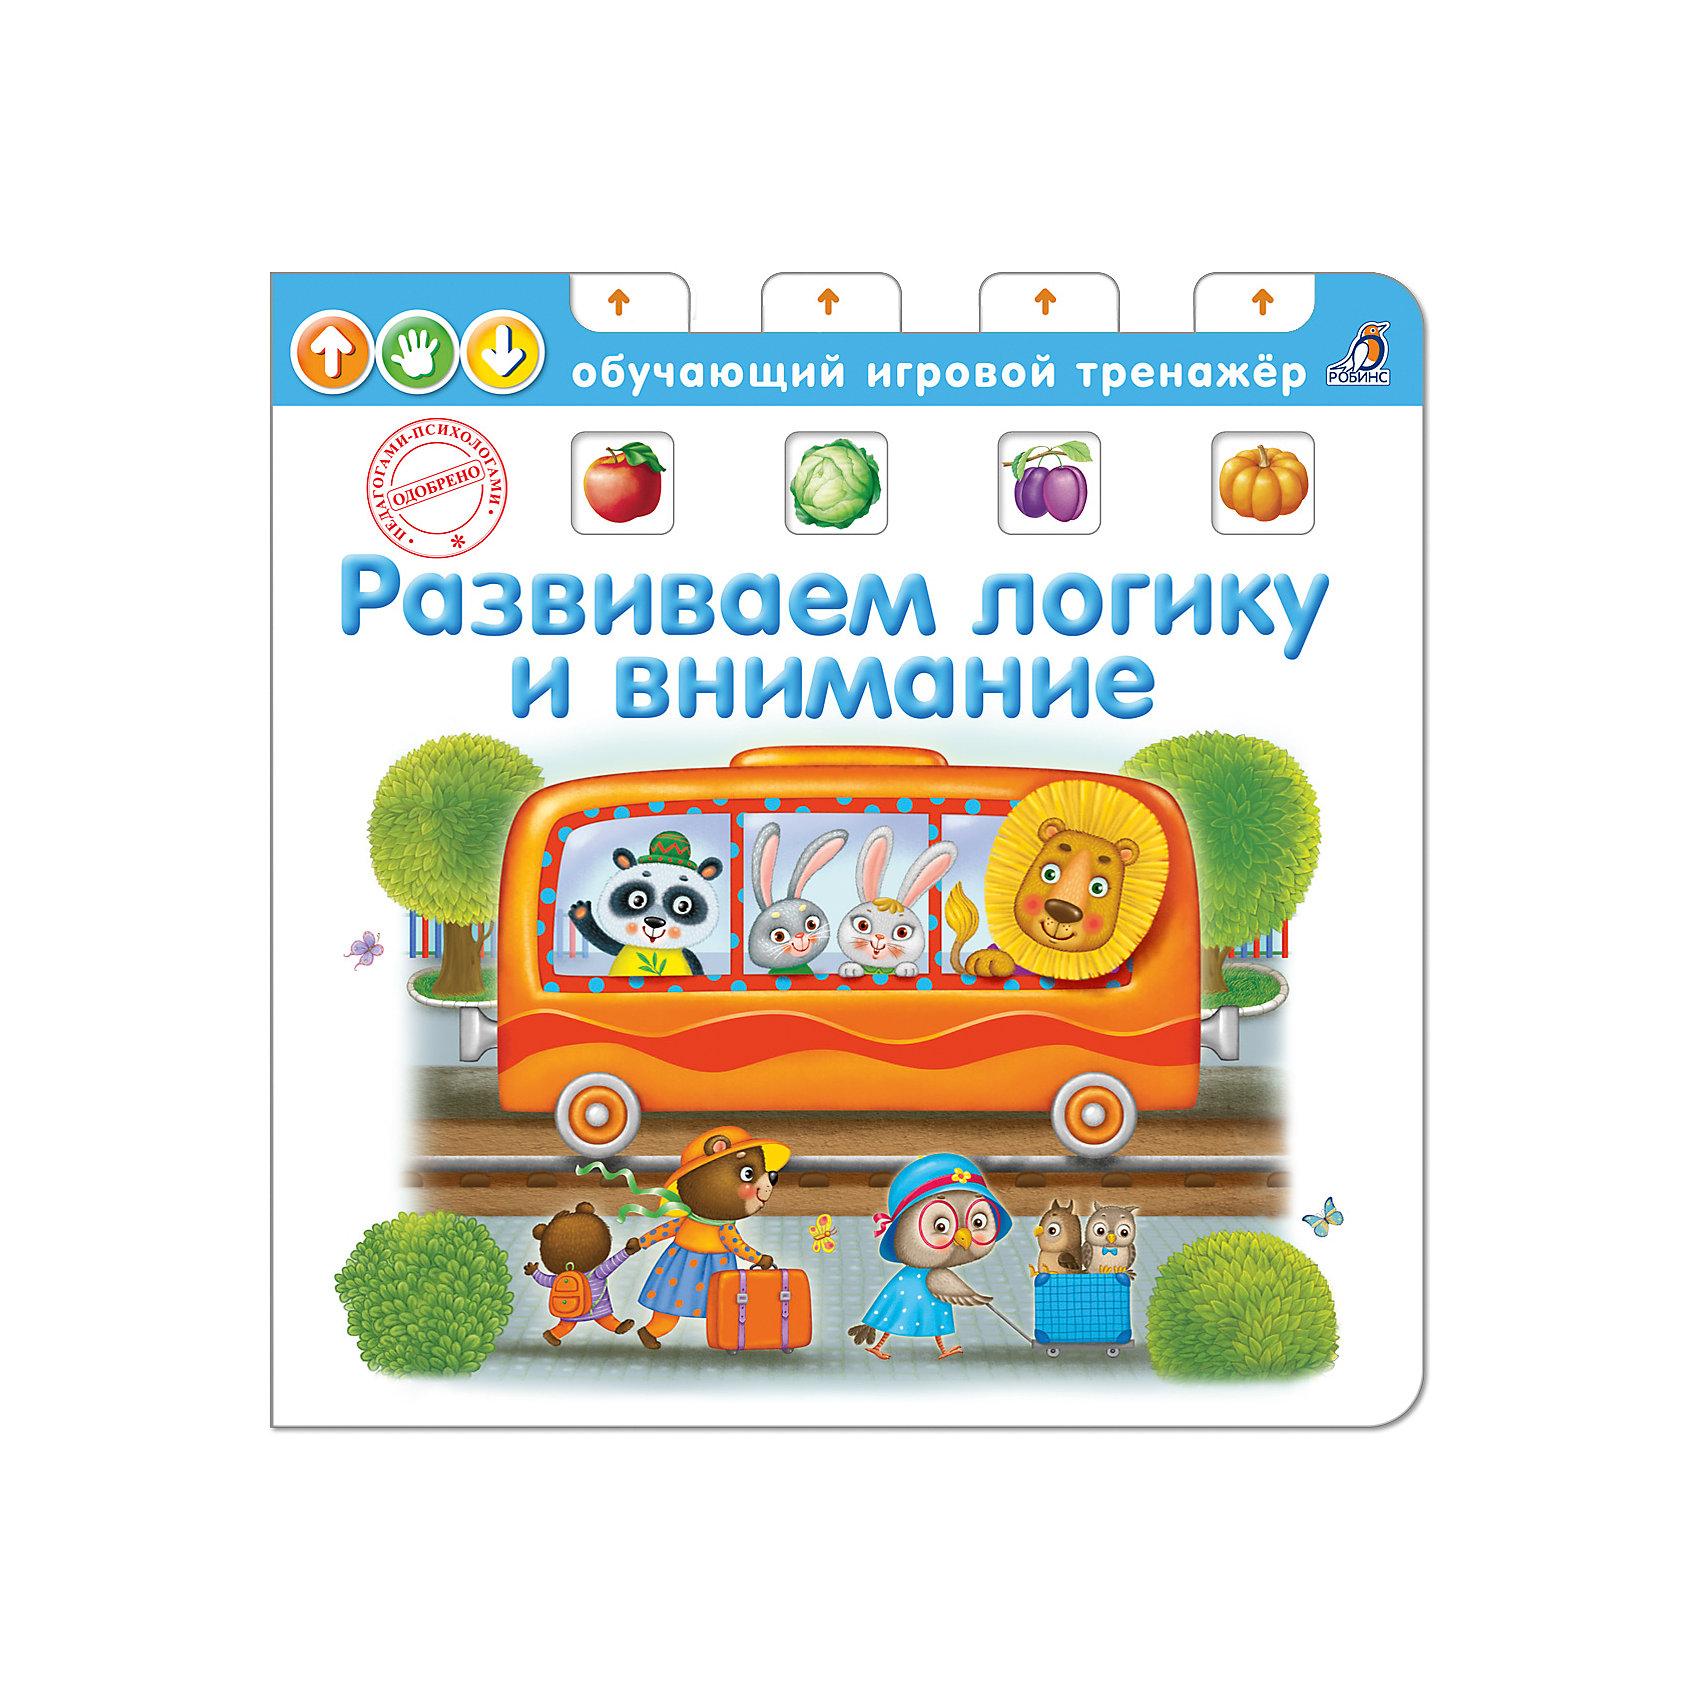 Развиваем логику и вниманиеКниги для развития мышления<br>Обучающий игровой тренажёр «Развиваем логику и внимание» – это уникальная книга-игра, которая поможет ребёнку развить логическое мышление, а также познакомит со всеми цветами радуги. На каждом развороте вы найдёте яркие иллюстрации для разглядывания и вопросы к ним, а также интерактивную страницу-тренажёр с подвижными элементами. Запатентованная технология тренажёра – подвижные элементы и специальные окошки – разработана детскими психологами и превращает обучение в увлекательную игру. <br>Отвечайте на вопросы, выполняйте задания, передвигайте язычки так, чтобы в окошках появлялись правильные ответы. Тренажёр поможет улучшить память, внимание, логику и подготовиться к школе.<br><br>Важная информация для родителей:<br><br>- книга предназначена для детей дошкольного возраста;<br>- безопасность для ребенка: подвижные детали сделаны крупного размера со скругленными уголками;<br>- улучшение памяти, внимания, мышления, логических способностей и подготовка детей к школе.<br><br>Дополнительная информация:<br><br>- формат издания: 120*150<br>- размер: 260*260*21<br>- количество страниц: 10<br>- год выпуска: 2016<br>- издательство: Робинс<br>- переплет: твердый переплет<br>- цветные иллюстрации: да<br>- язык издания: русский<br>- тип издания: отдельное издание<br>- запатентованная технология подвижных элементов;<br>- активные задания;<br>- толстый белый картон будет залогом того, что книга долго вам прослужит.<br><br>Внутри книги Вы найдете:<br><br>- цвета радуги;<br>- много активных заданий;<br>- картинки-задания;<br>- яркие иллюстрации.<br><br>Обучающий игровой тренажёр «Развиваем логику и внимание» можно купить в нашем интернет-магазине.<br><br>Ширина мм: 260<br>Глубина мм: 260<br>Высота мм: 21<br>Вес г: 861<br>Возраст от месяцев: 36<br>Возраст до месяцев: 72<br>Пол: Унисекс<br>Возраст: Детский<br>SKU: 4967224